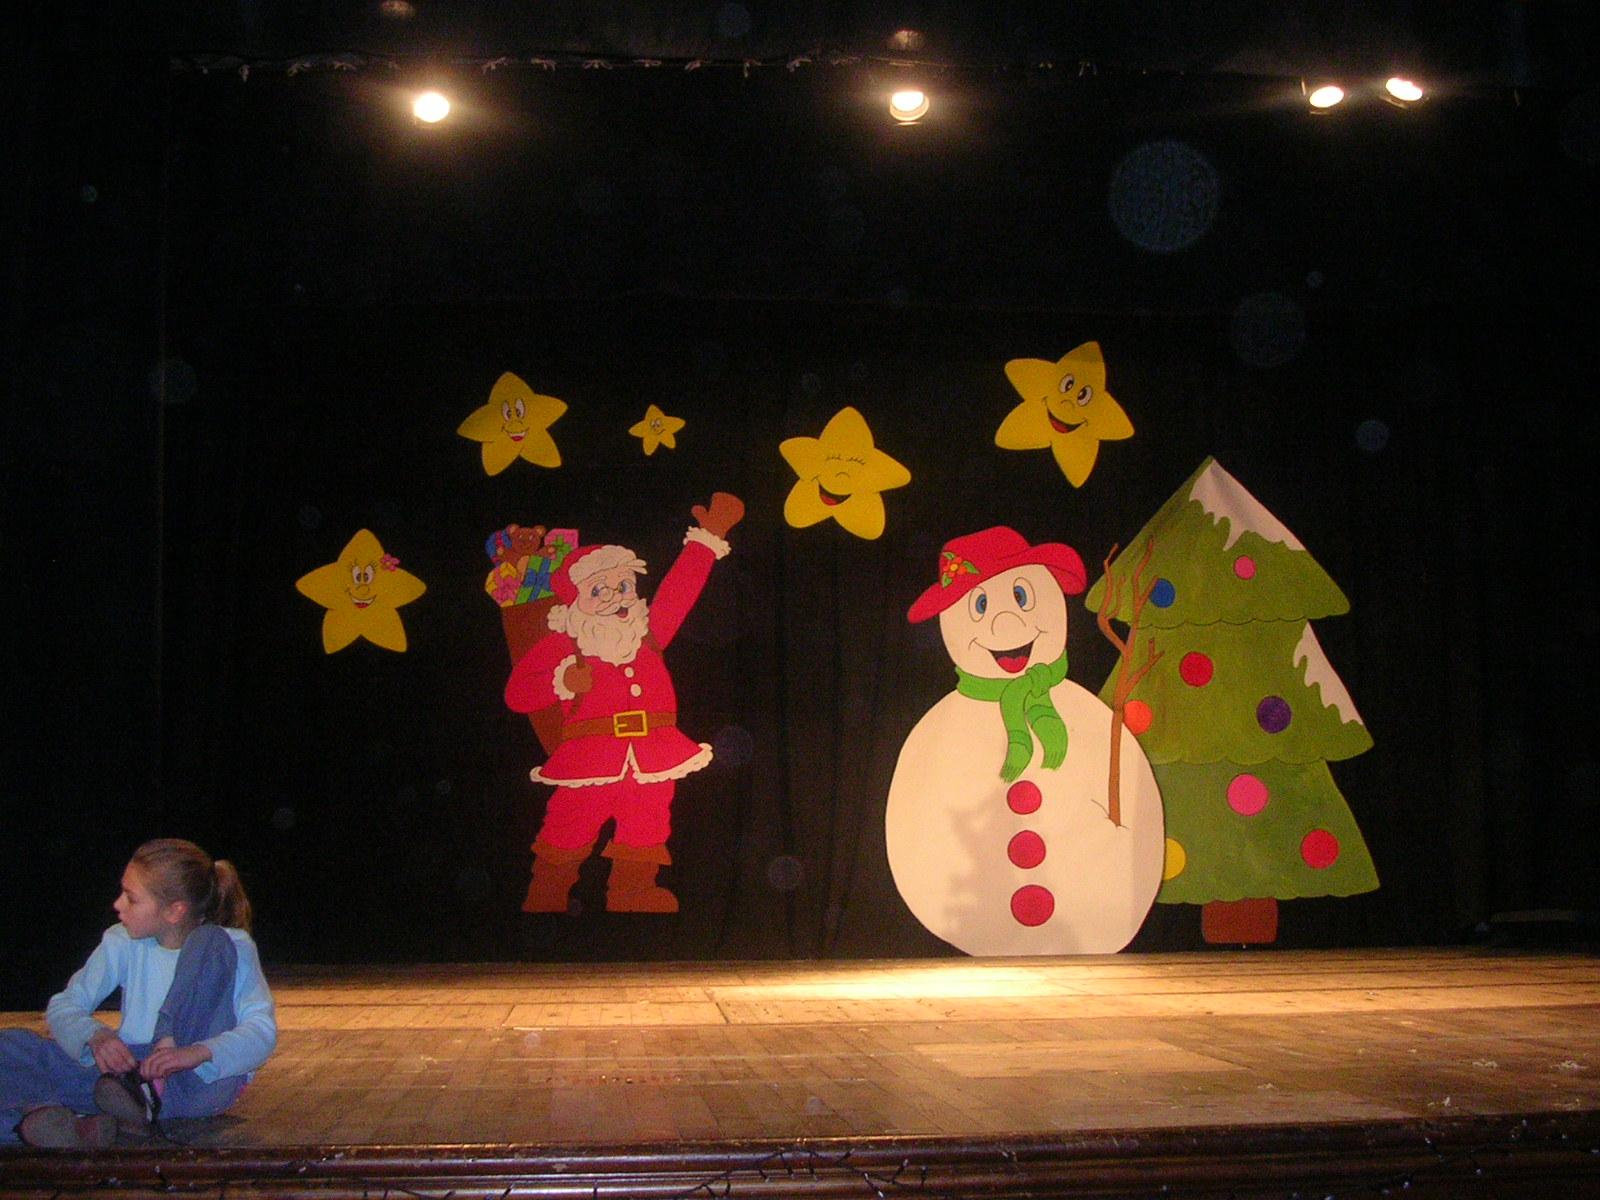 spectacle noel Un prestataire pour organiser votre spectacle de Noel spectacle noel